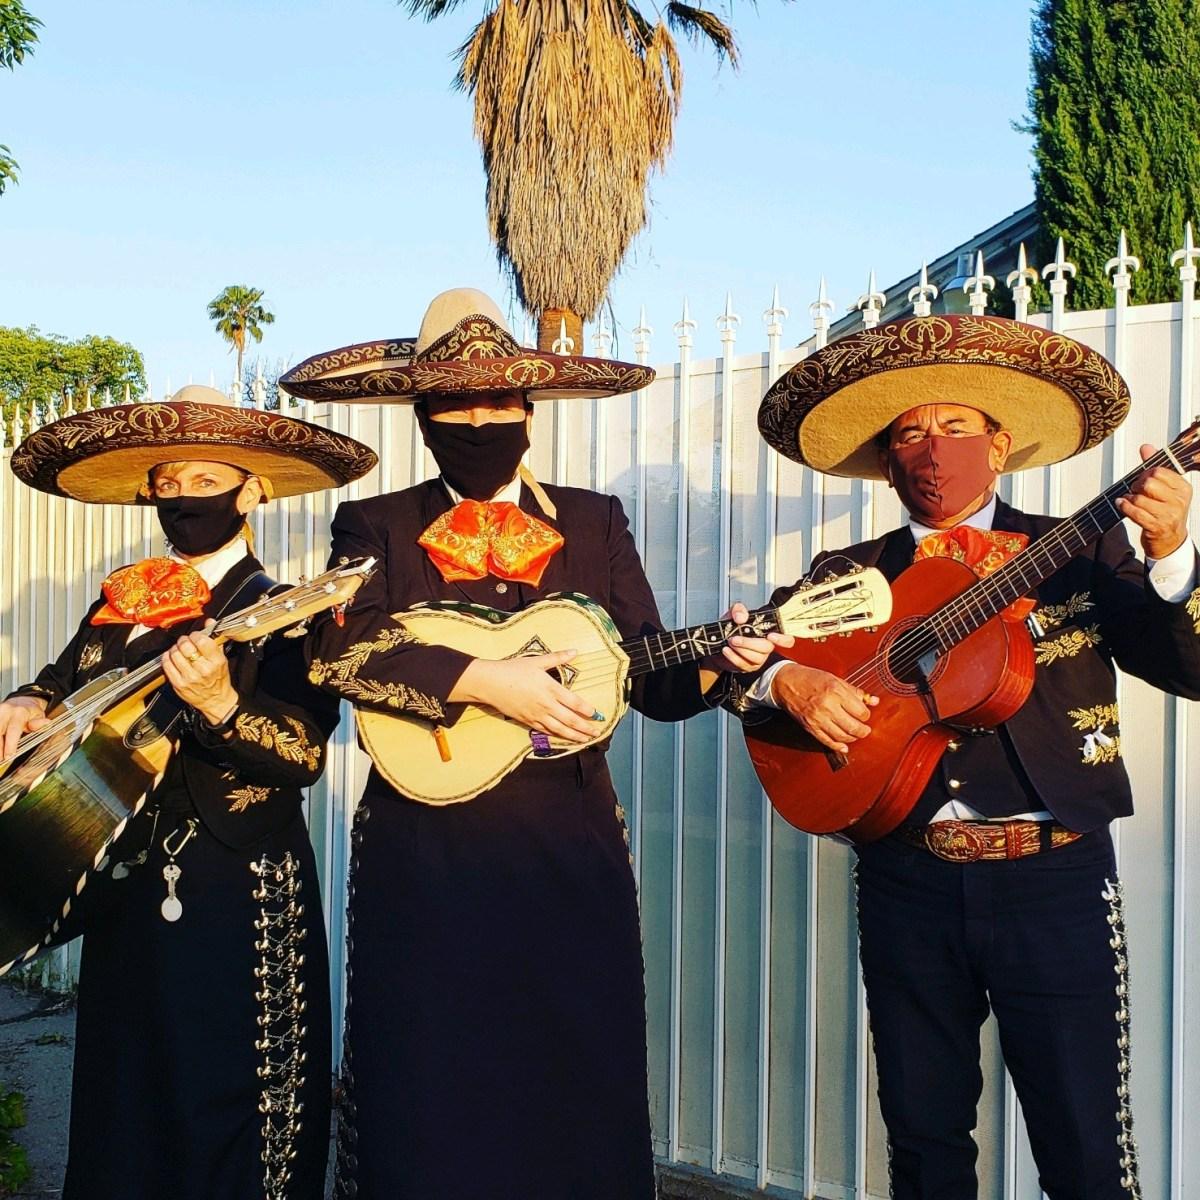 Aurelio Reyes, quien toca en un trío de mariachis con su esposa e hija han recibido cancelaciones como resultado del toque de queda en todo el estado. Foto cortesía de Aurelio Reyes.